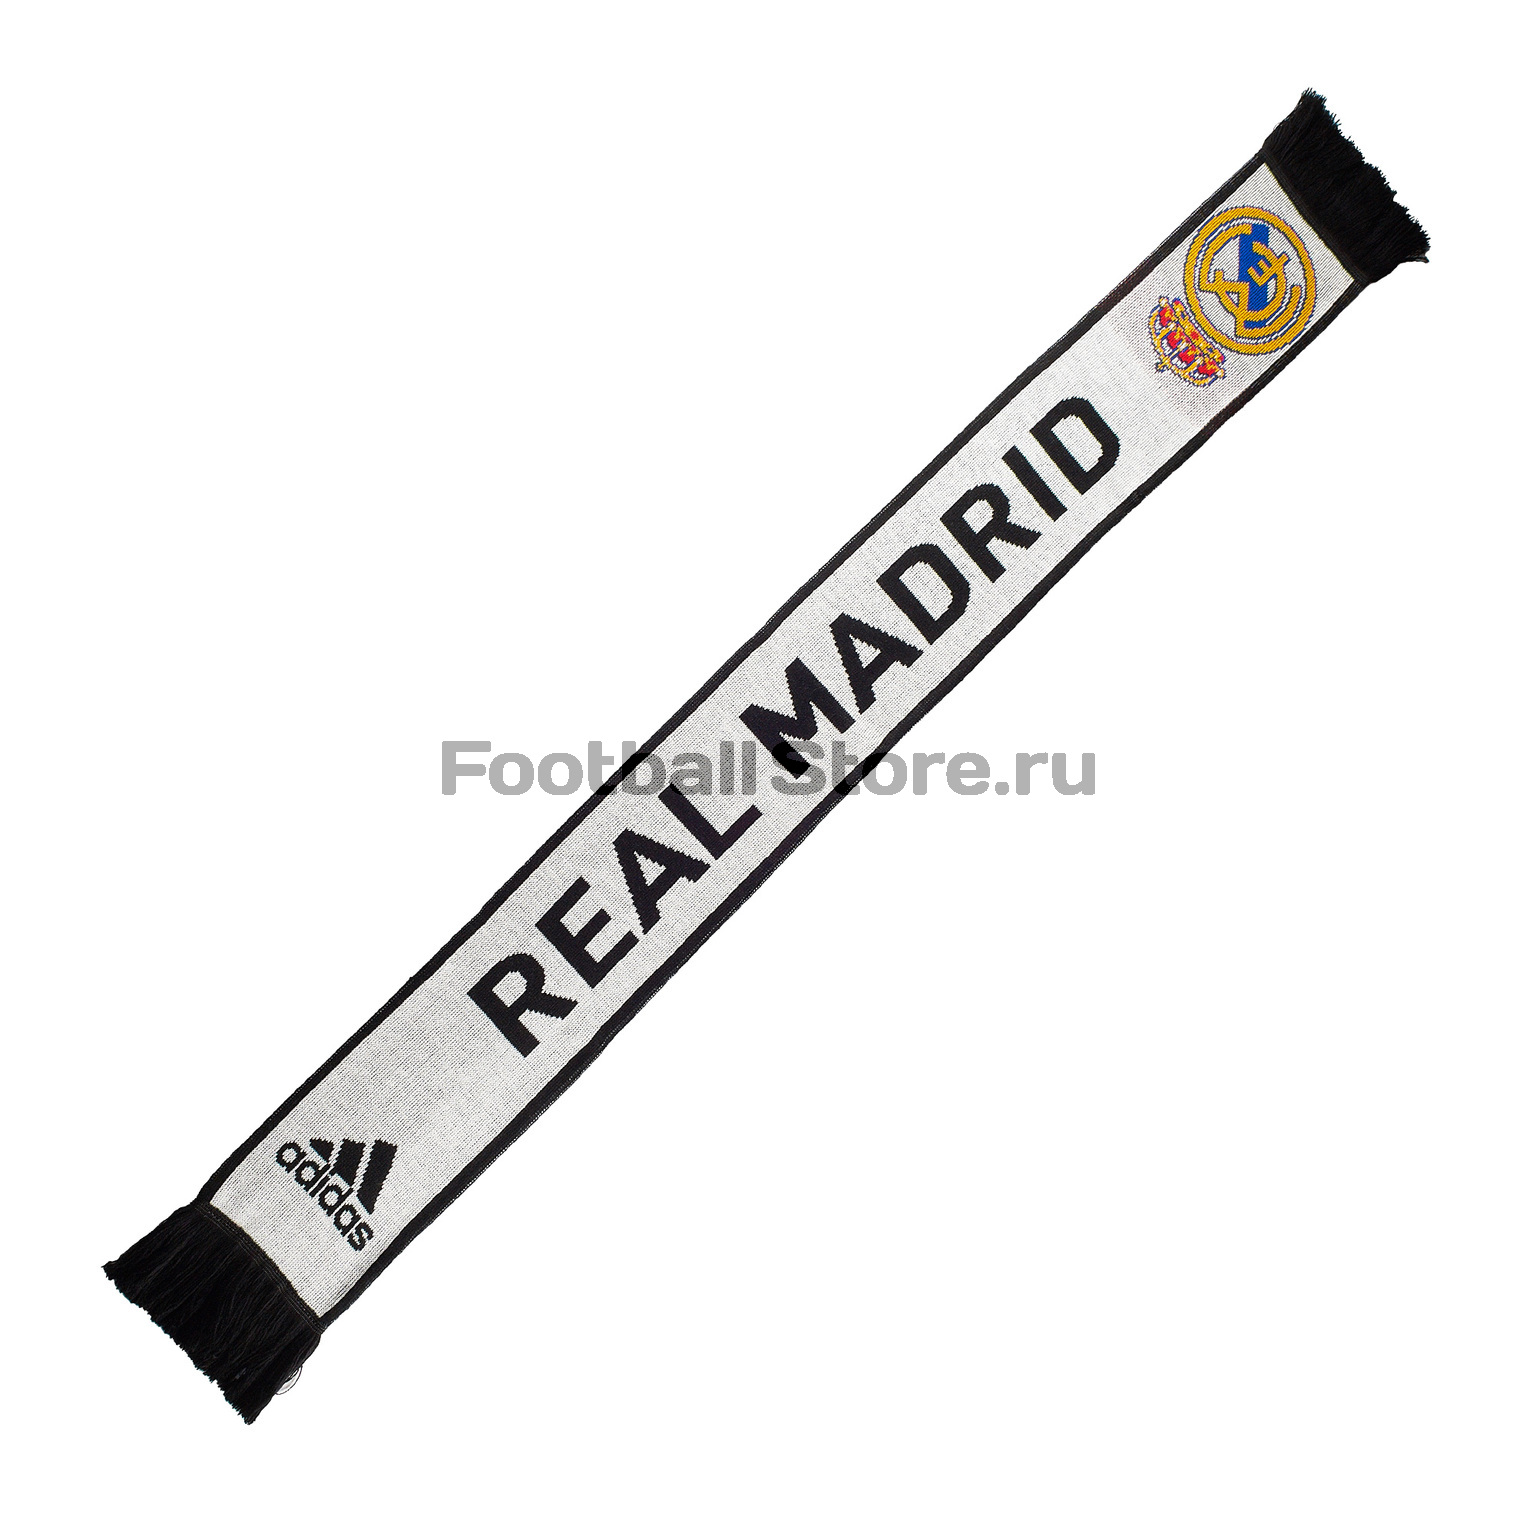 Шарф болельщика Adidas Real Madrid CY5602